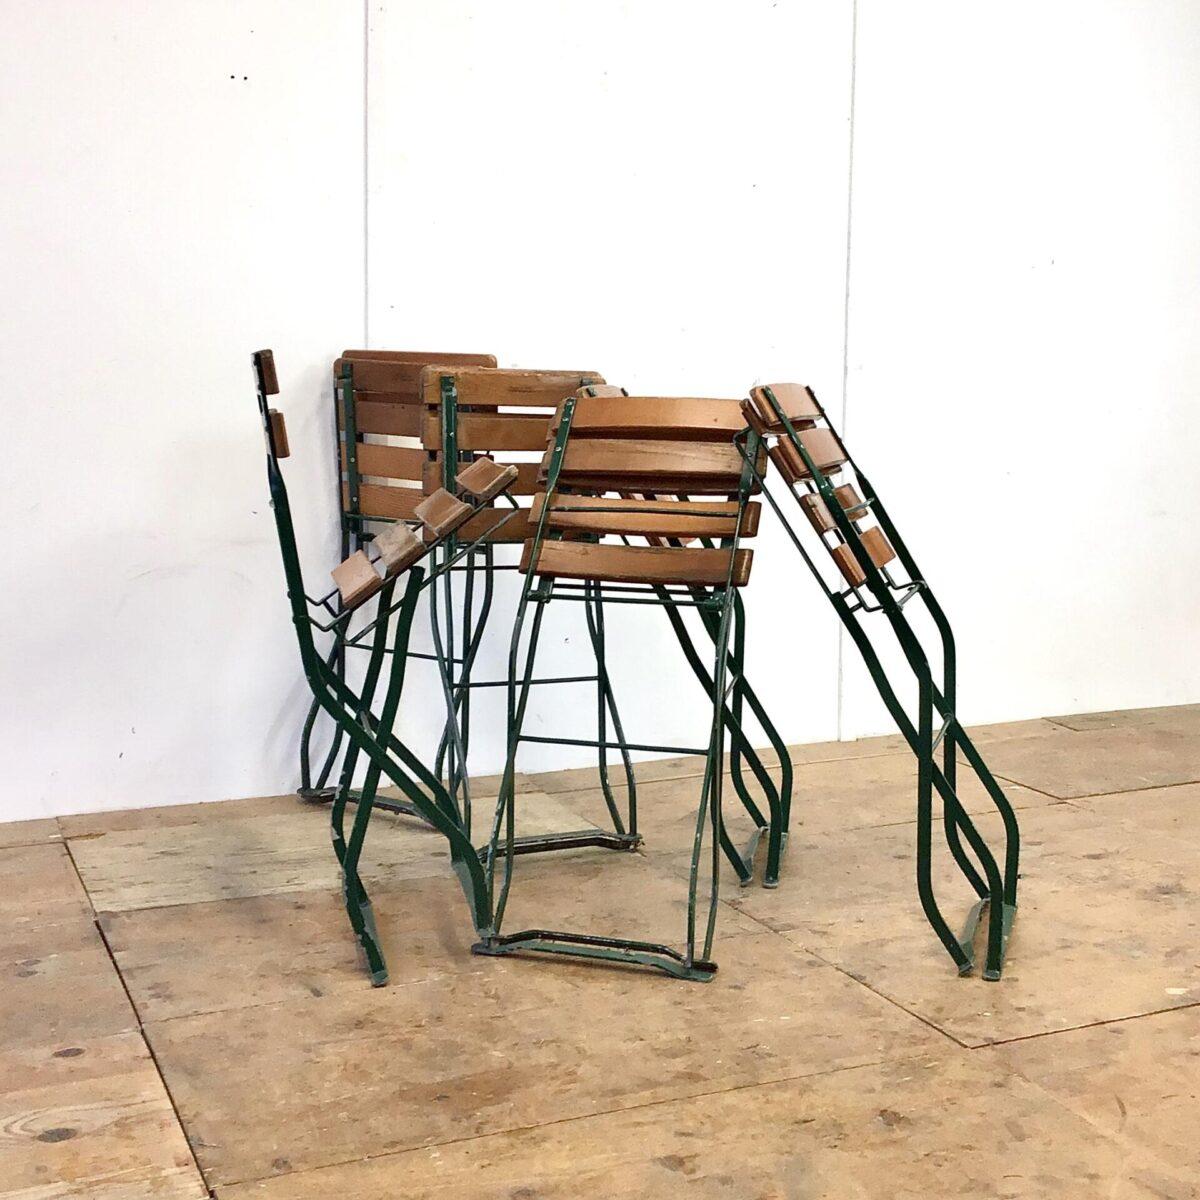 52 Biergartenstühle 10 stk. mit feuerverzinktem Gestell. Die Grünen sind 40.- pro Stück. Die Holzlatten sind teilweise an den Kanten leicht verwittert, das Holz ist jedoch gesund. Die Metallgestelle sind in gutem Zustand, auch das zusammen klappen funktioniert einwandfrei.